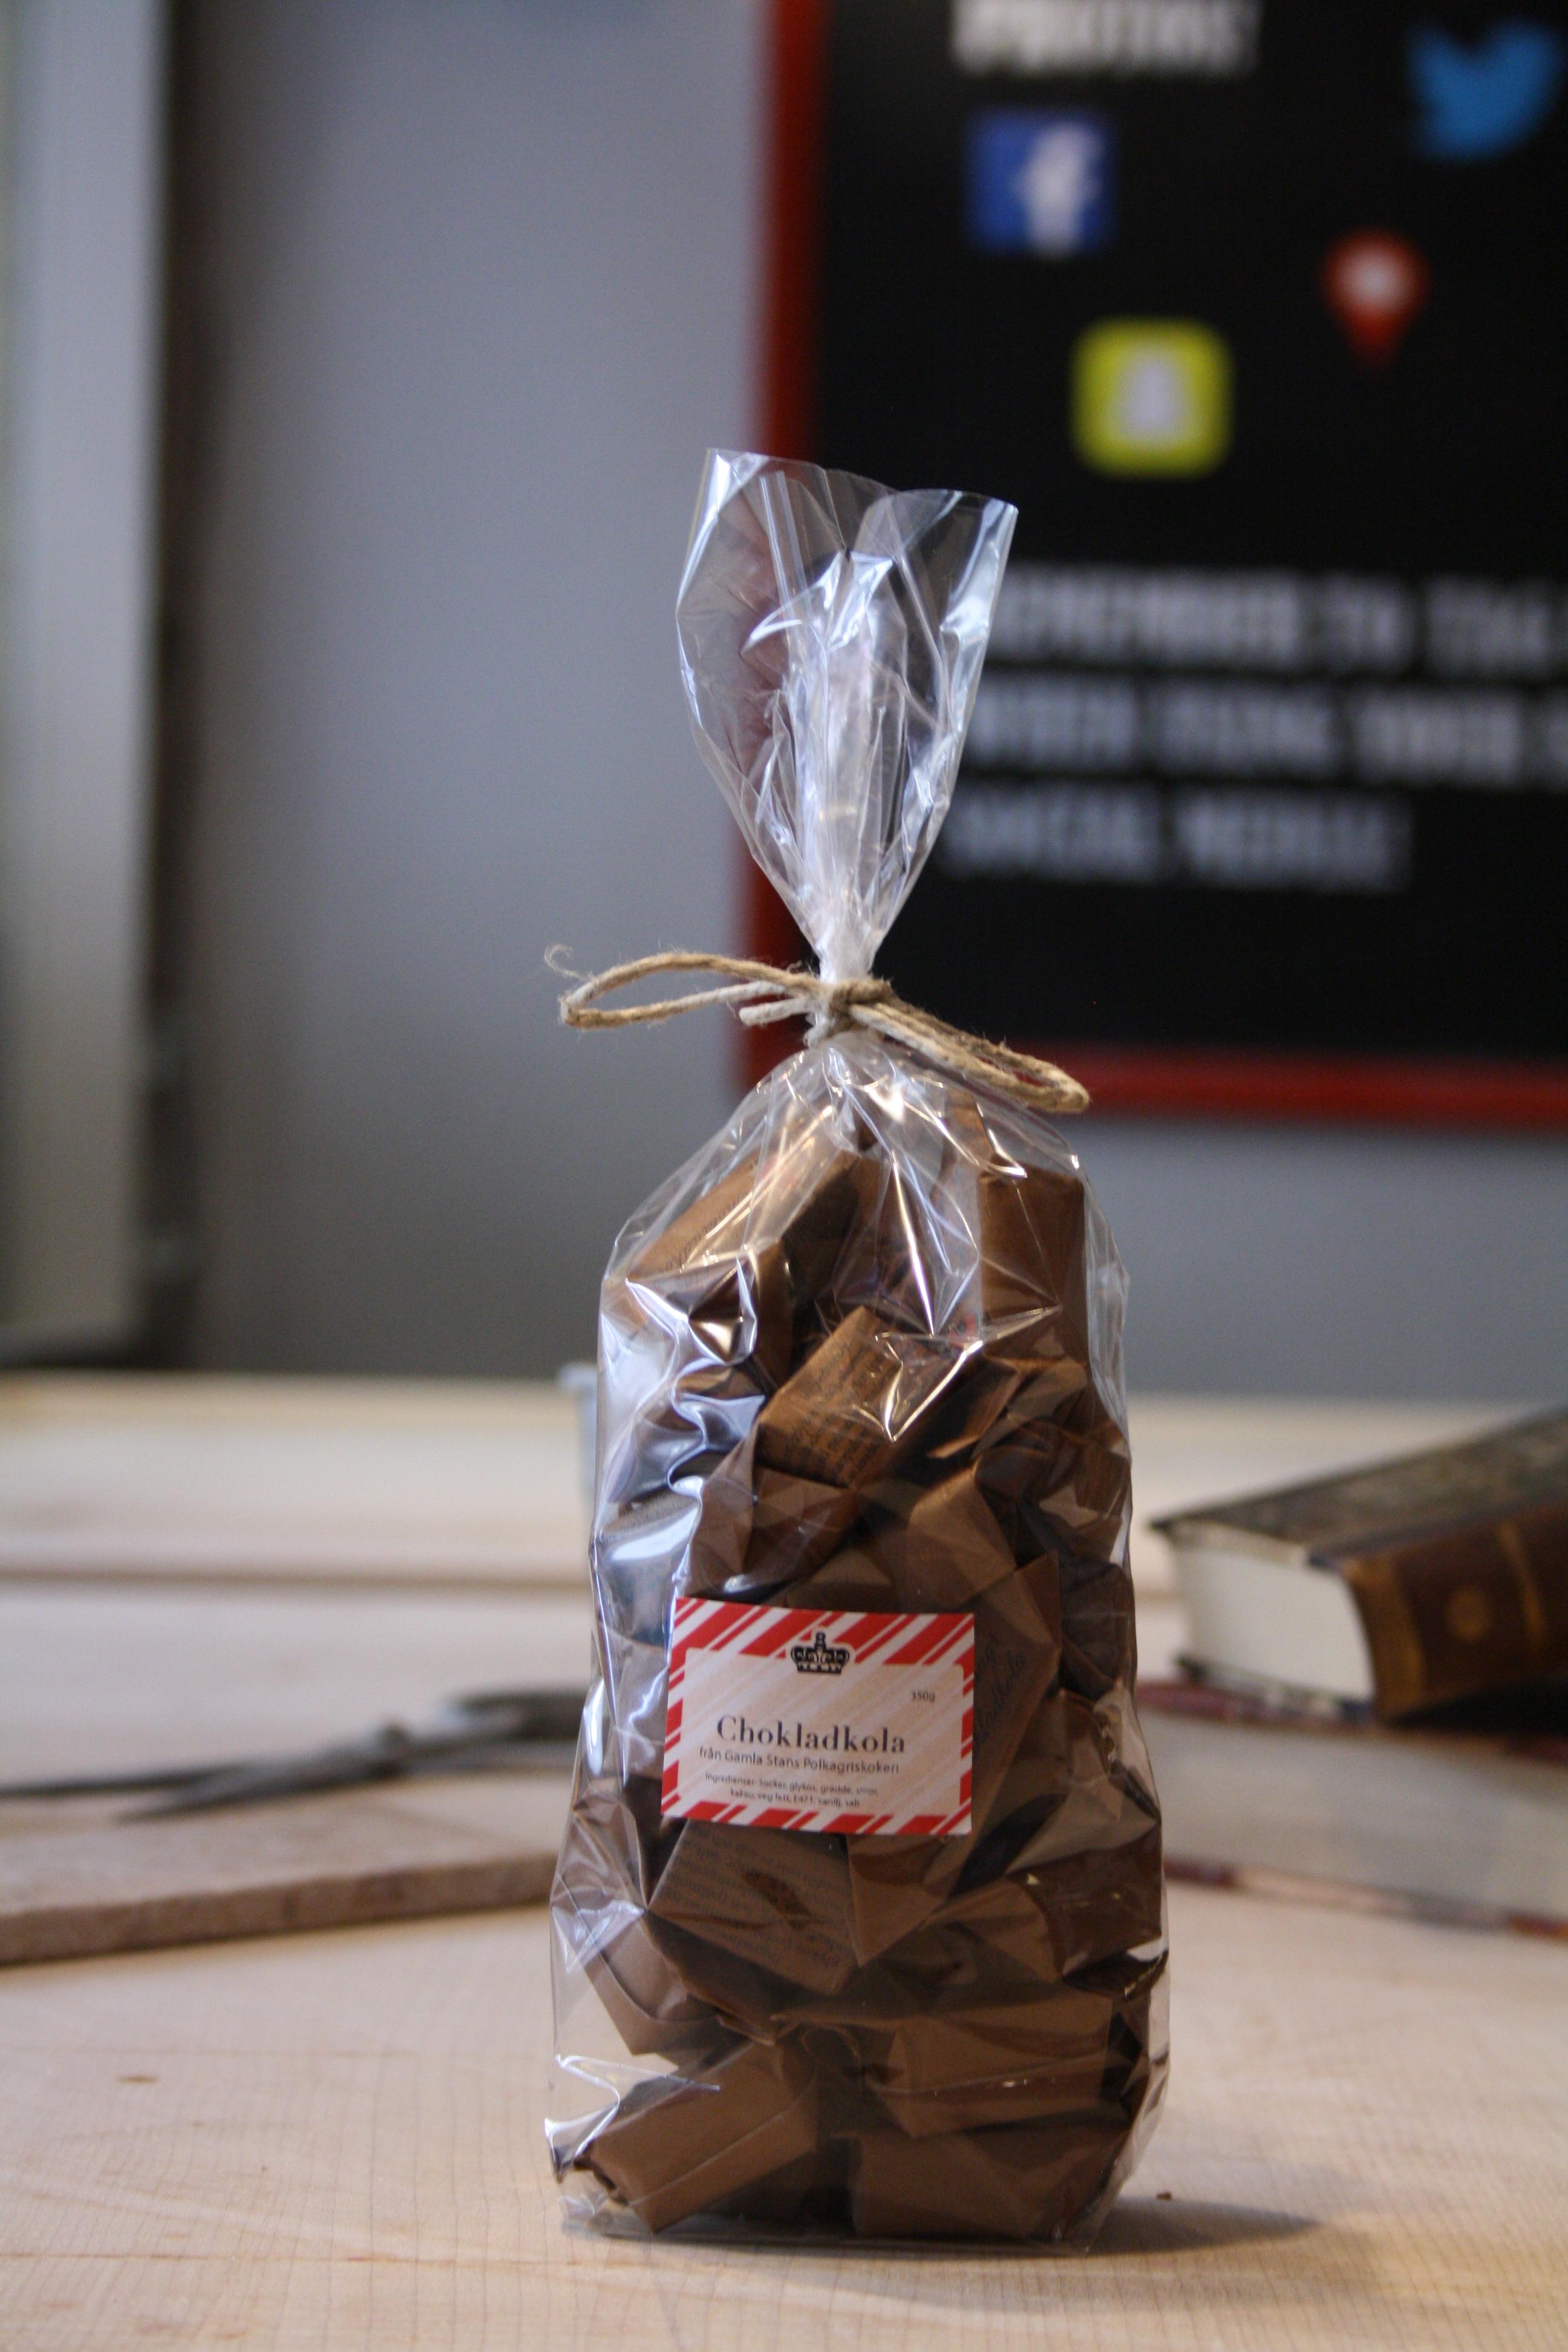 Chokladkola i stor stand-up